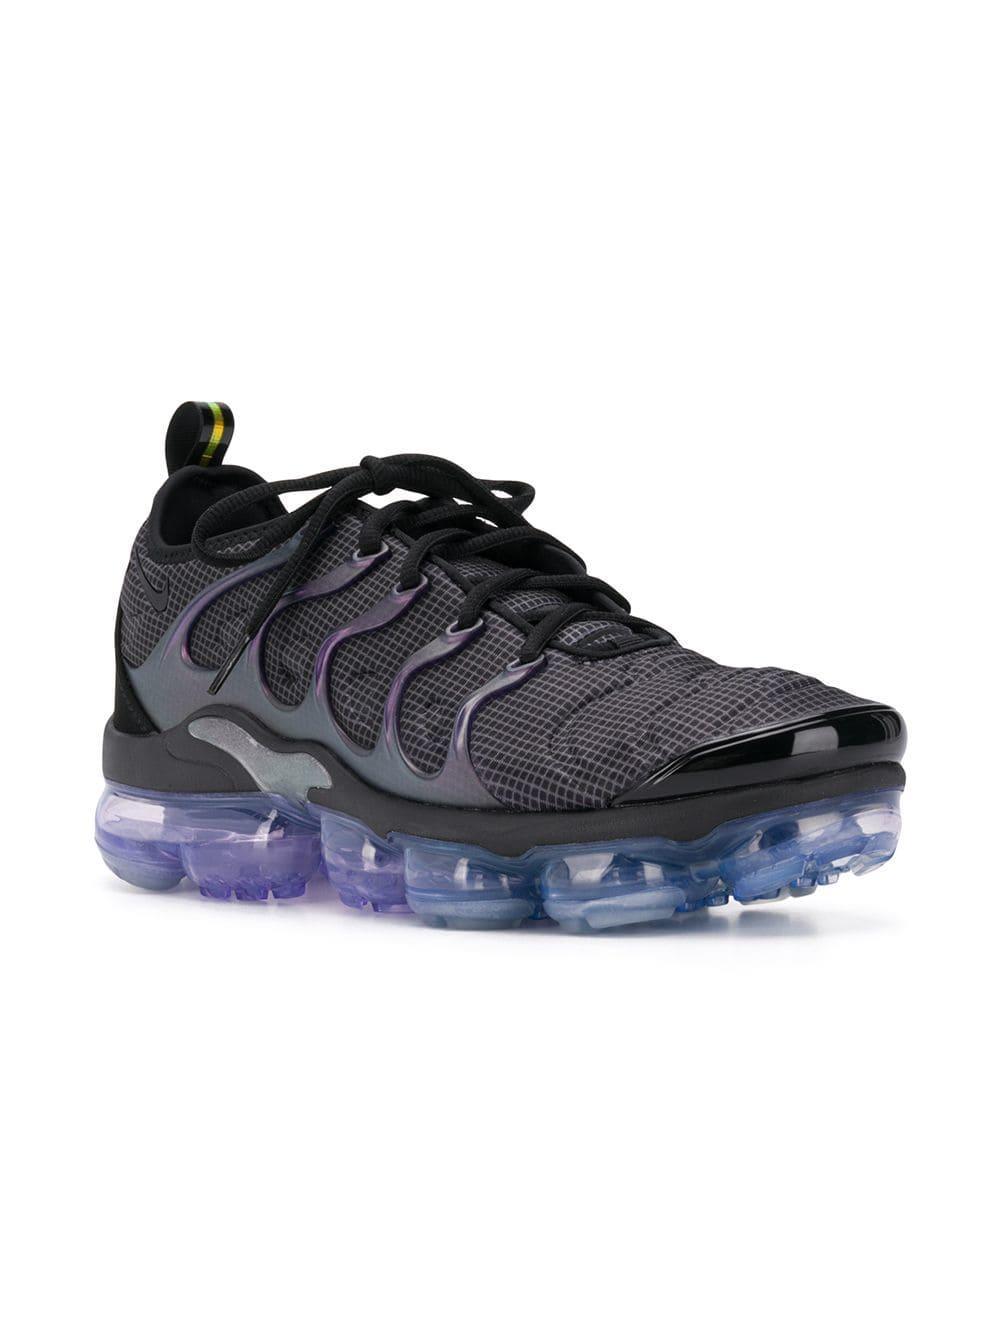 c9fc49e259c1b Lyst - Nike Air Vapormax Plus Sneakers in Black for Men